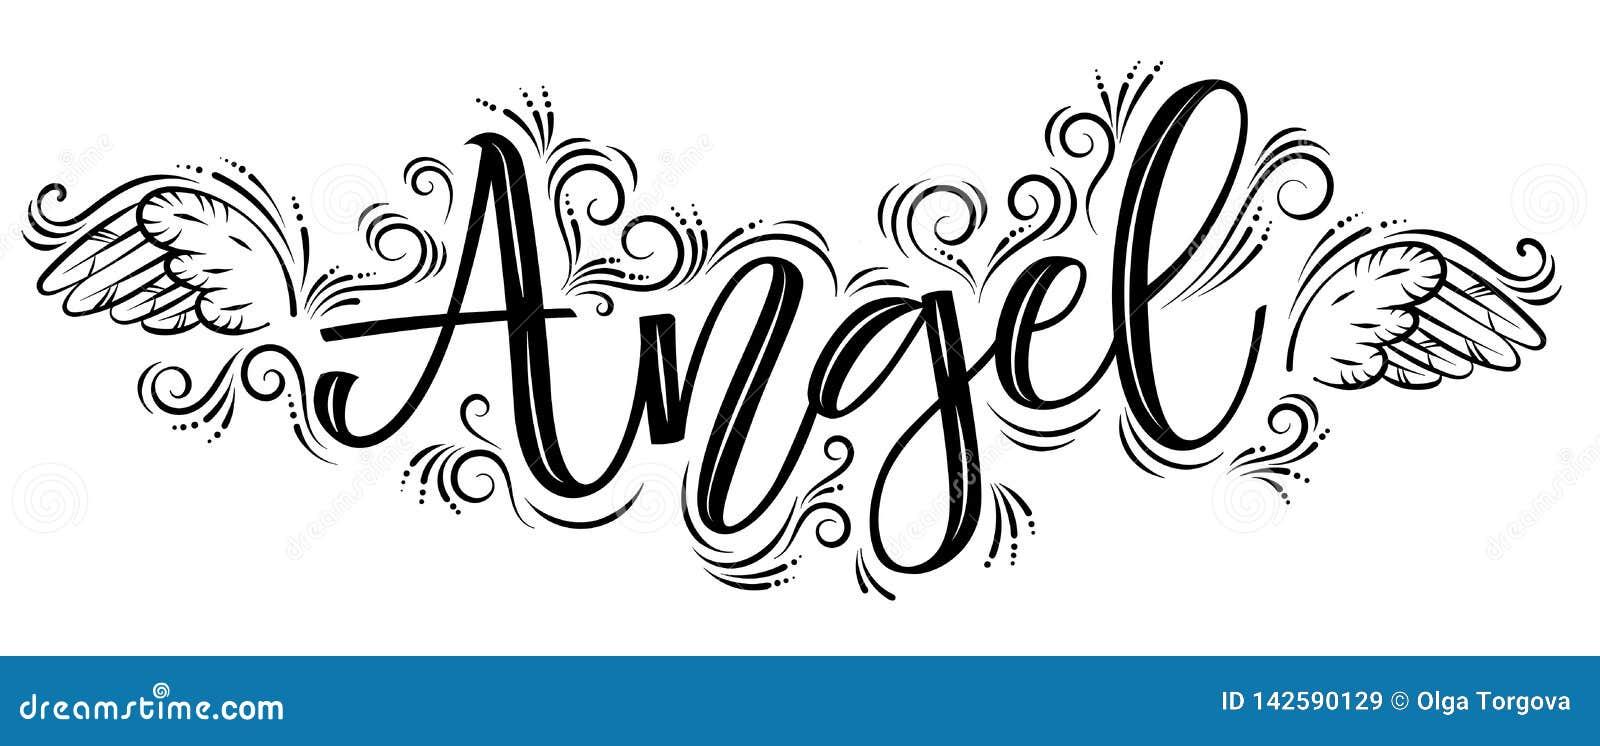 красивая надпись ангел картинка видео услуги мозырь